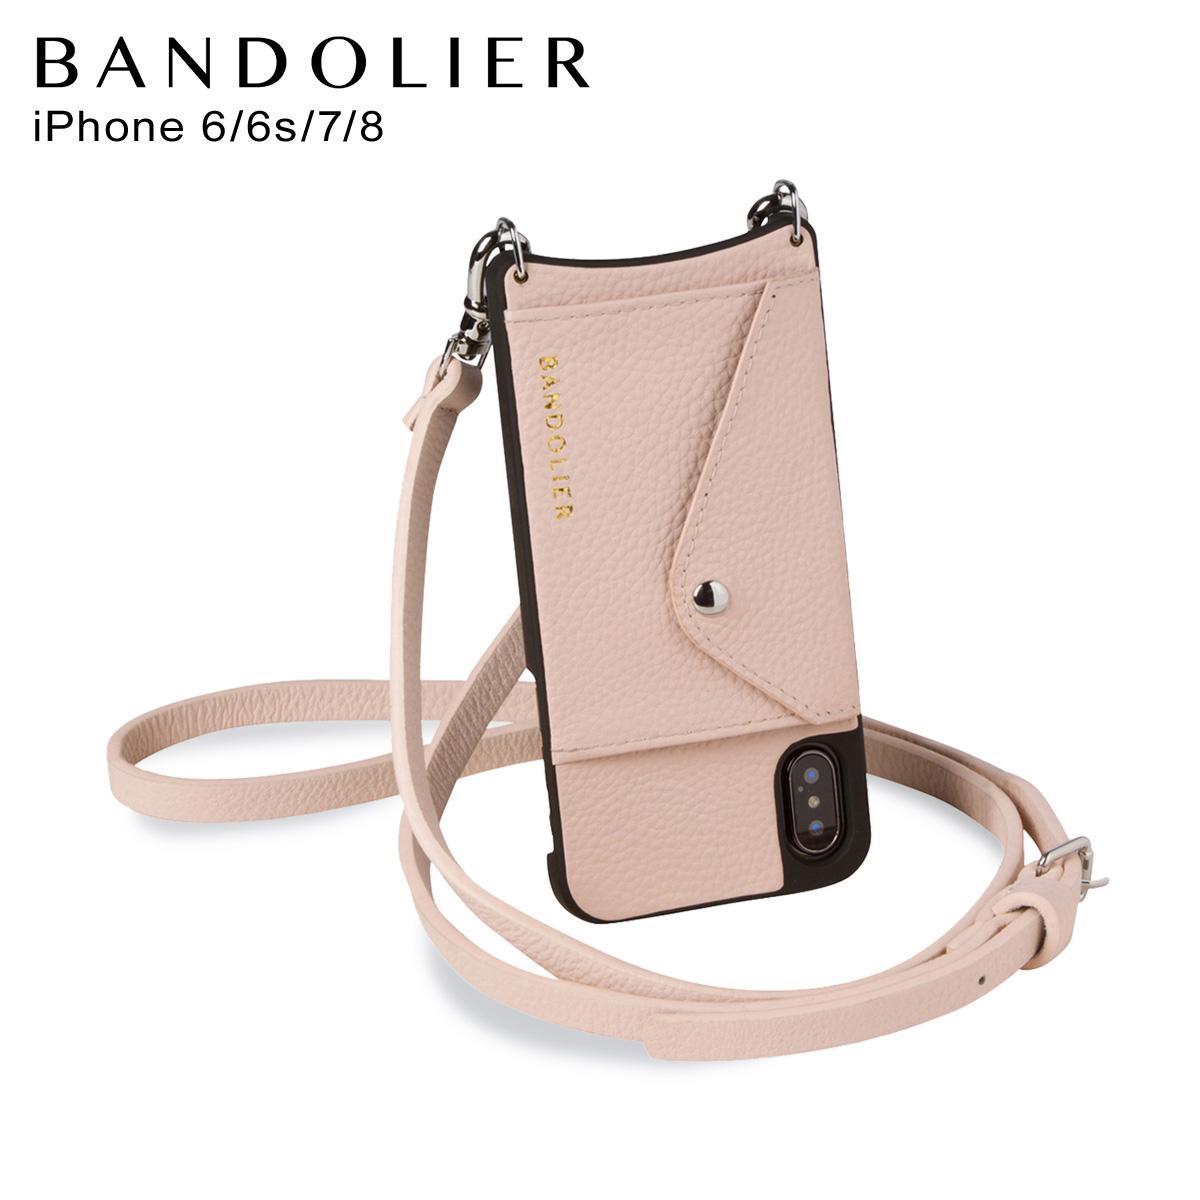 バンドリヤー BANDOLIER iPhone SE 8 7 6s 6 ケース スマホ 携帯 ショルダー アイフォン メンズ レディース レザー DONNA SIDE SLOT PINK ピンク 14DON